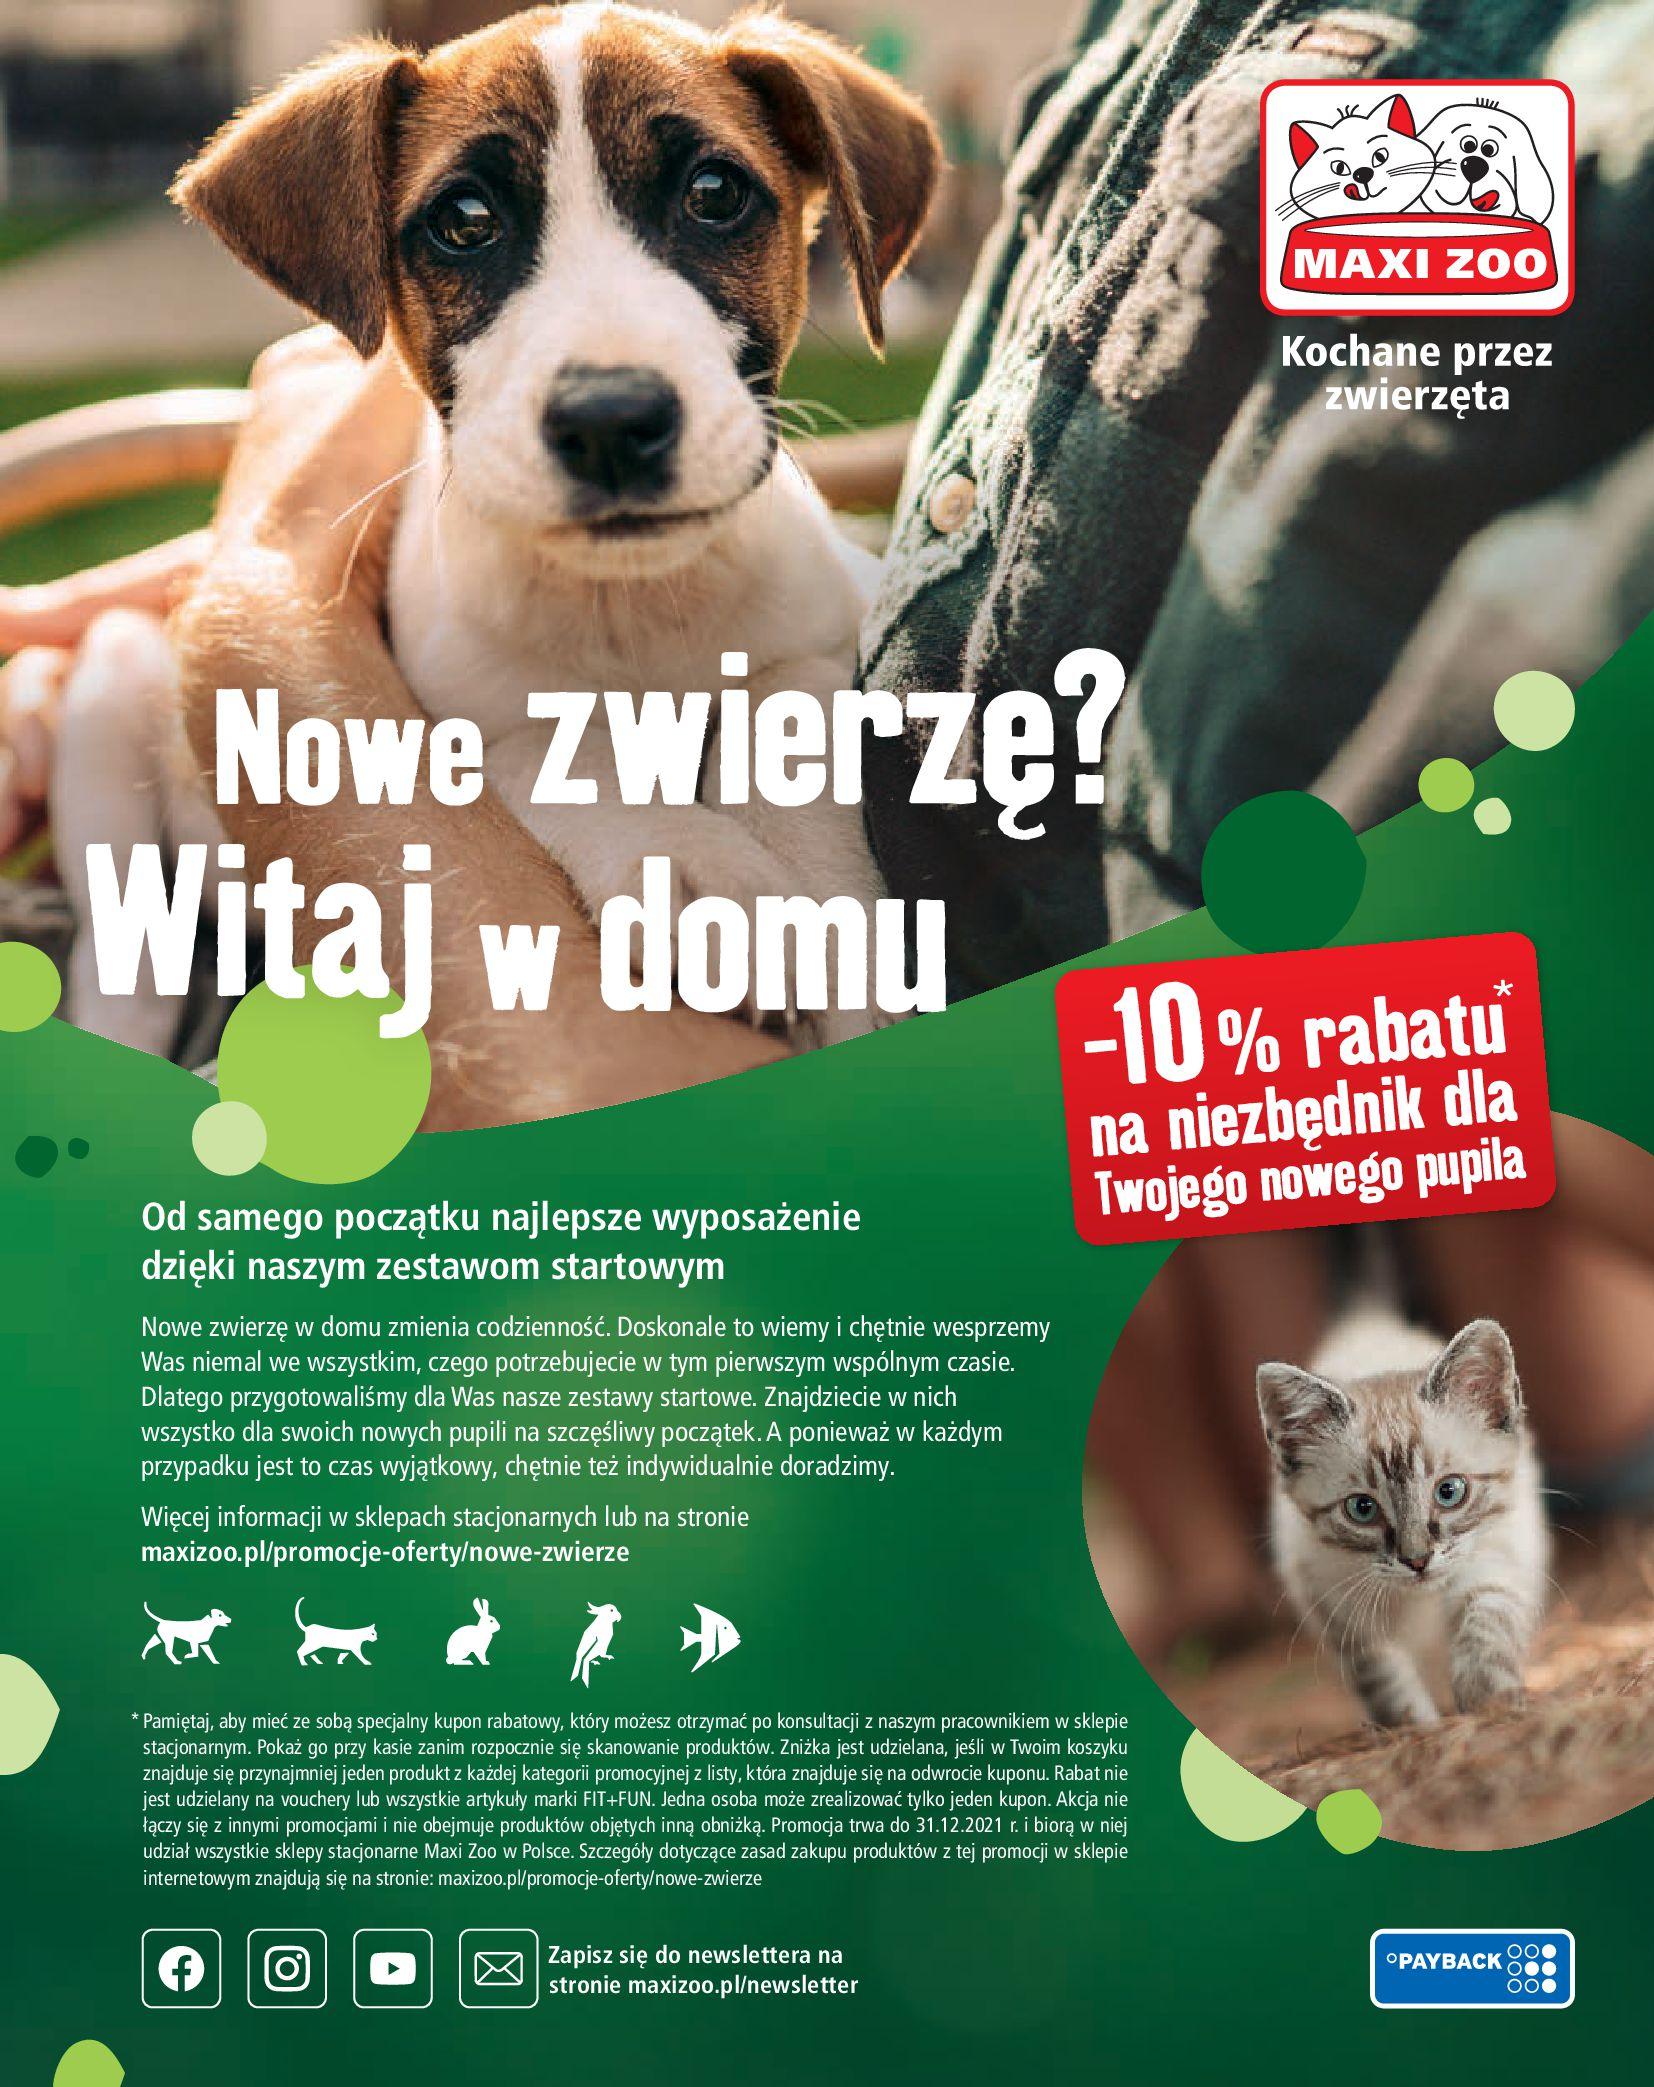 Gazetka Maxi Zoo: Gazetka Maxi Zoo - Friends 2021-05-18 page-56